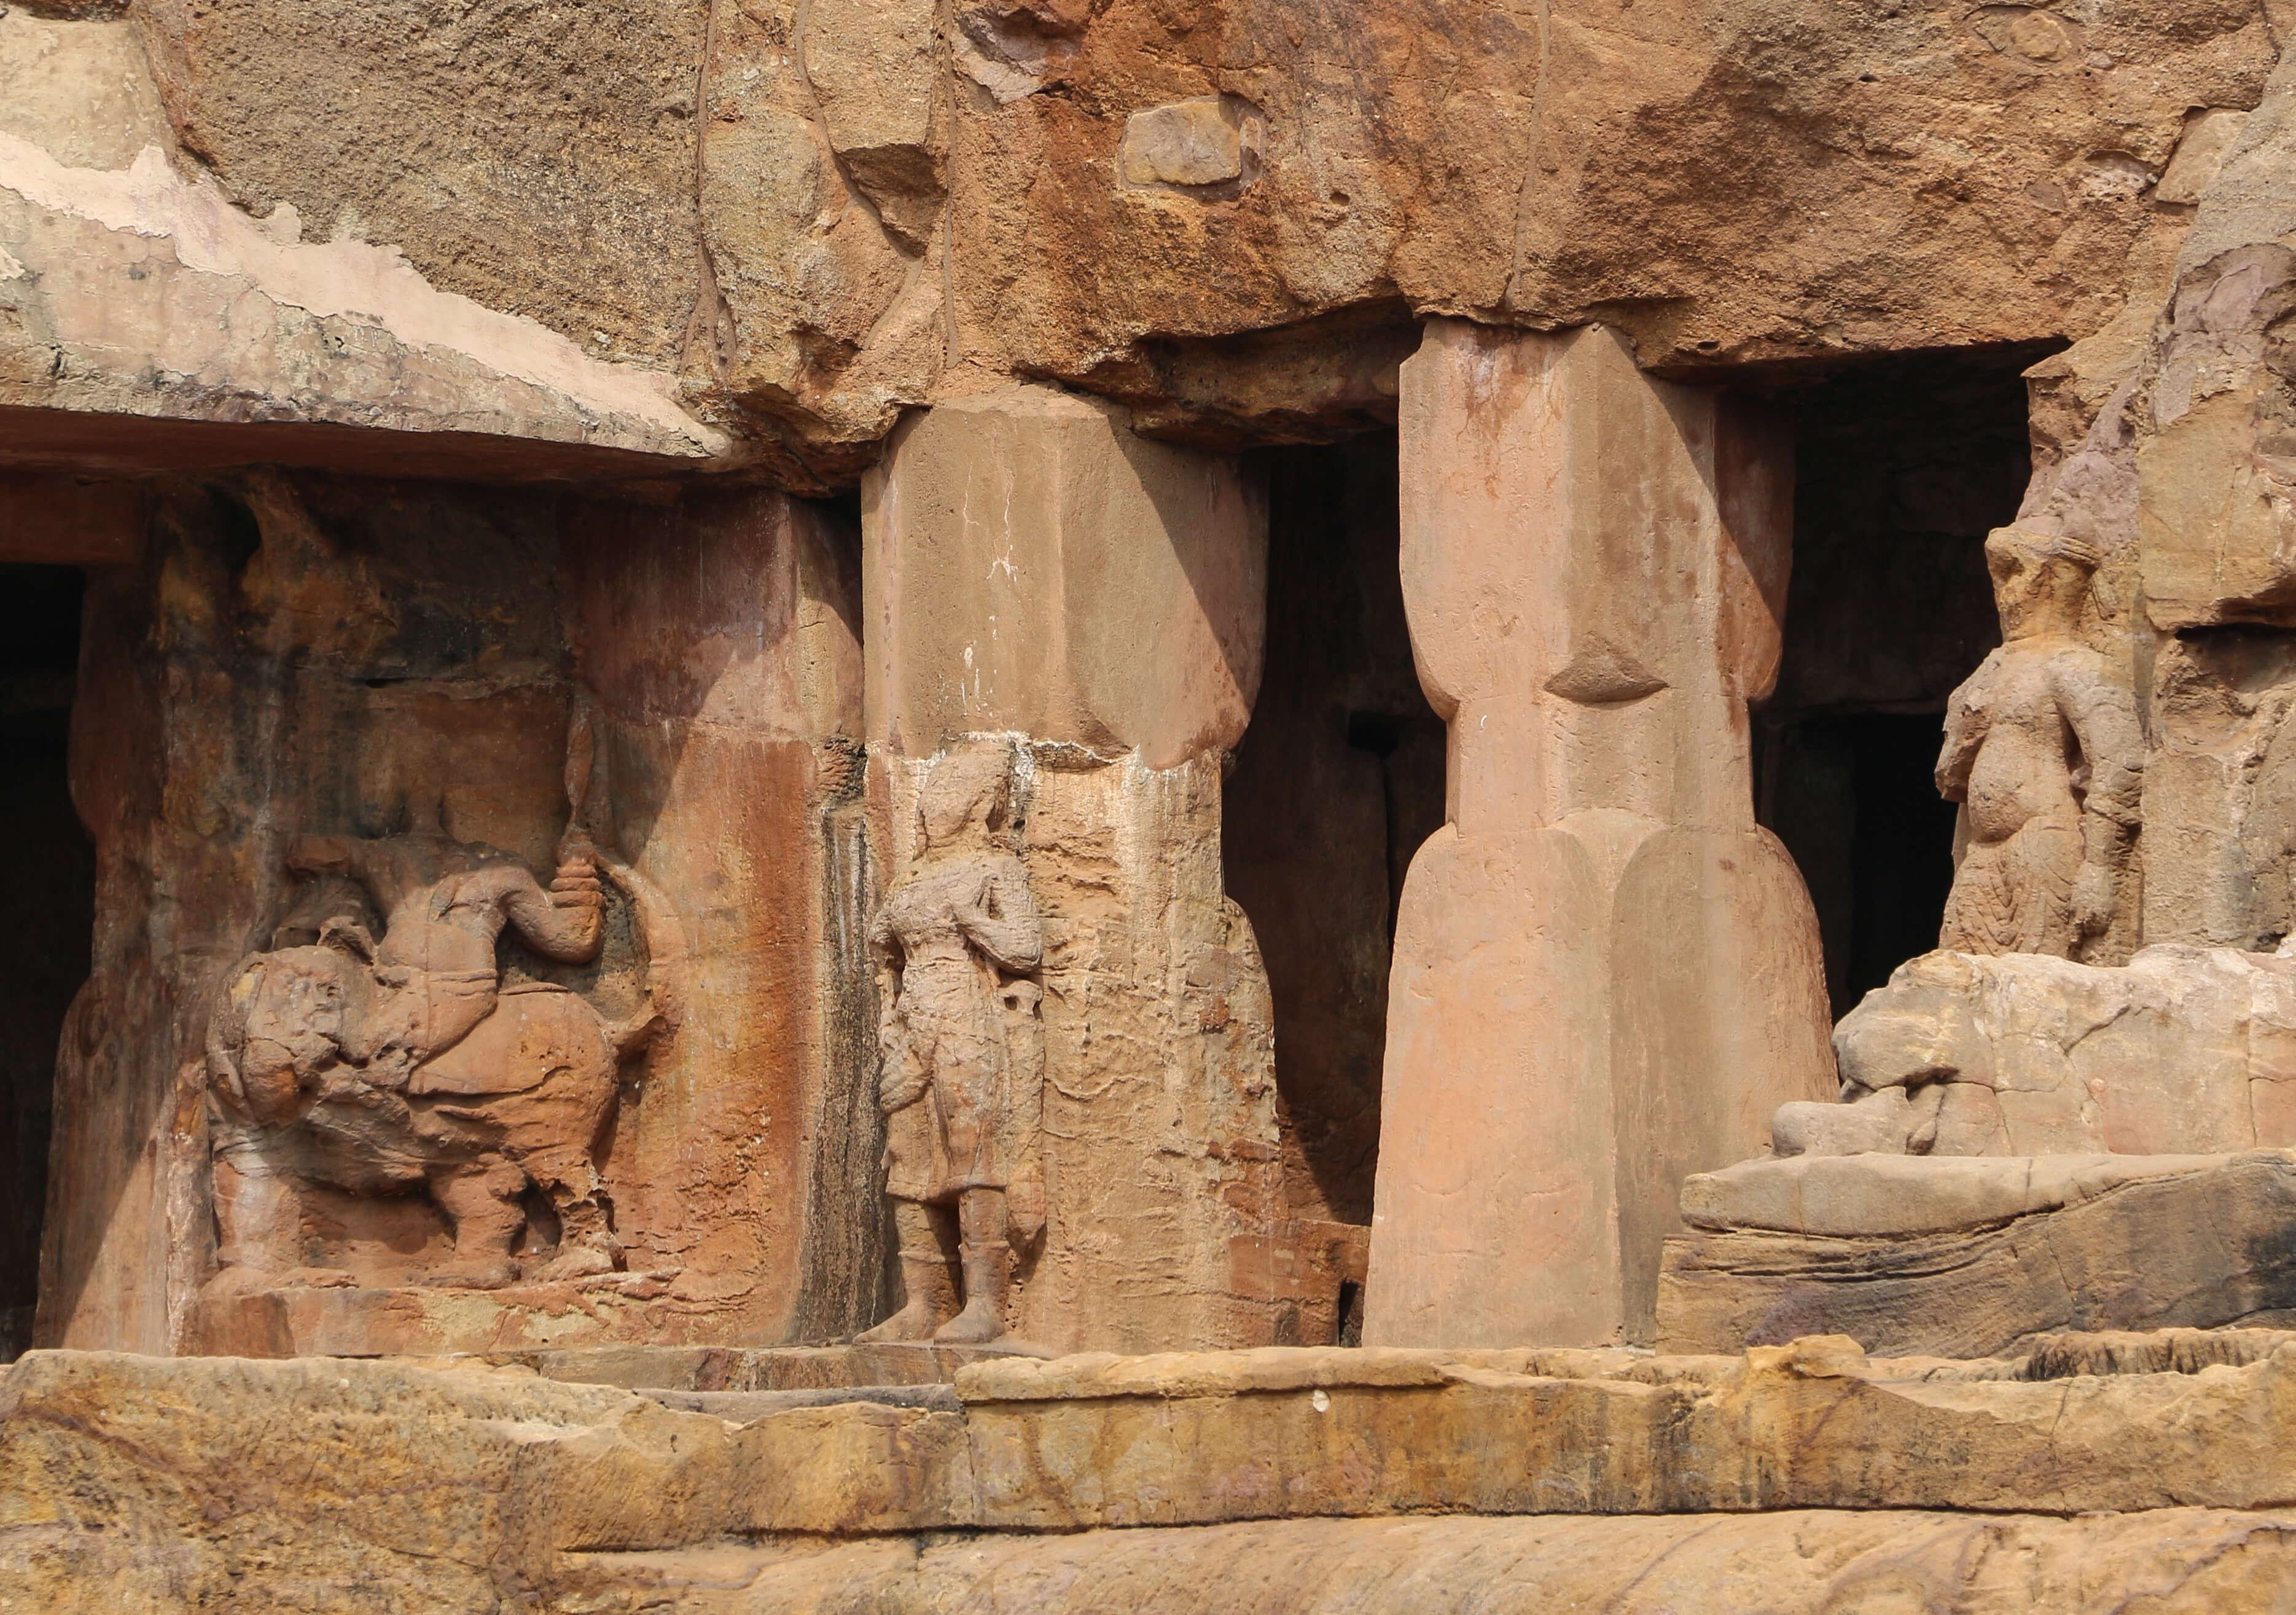 Rani gumpha cave